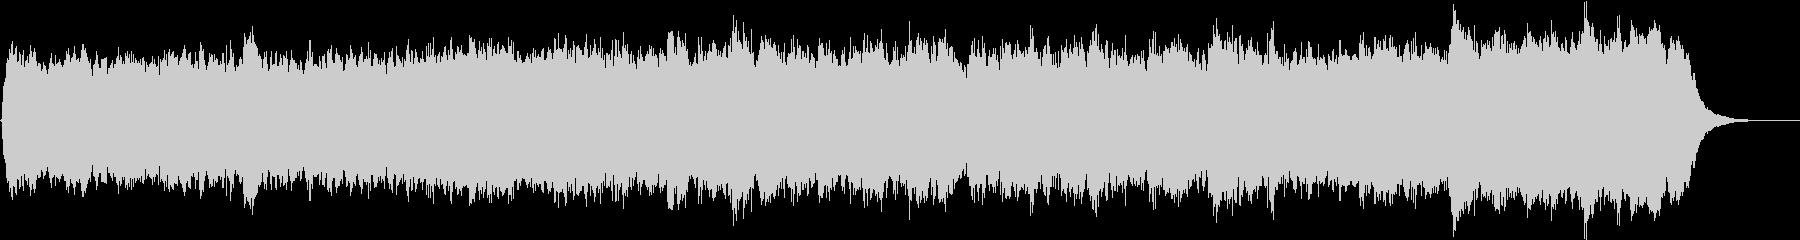 パイプオルガンの荘厳なオリジナル曲です。の未再生の波形